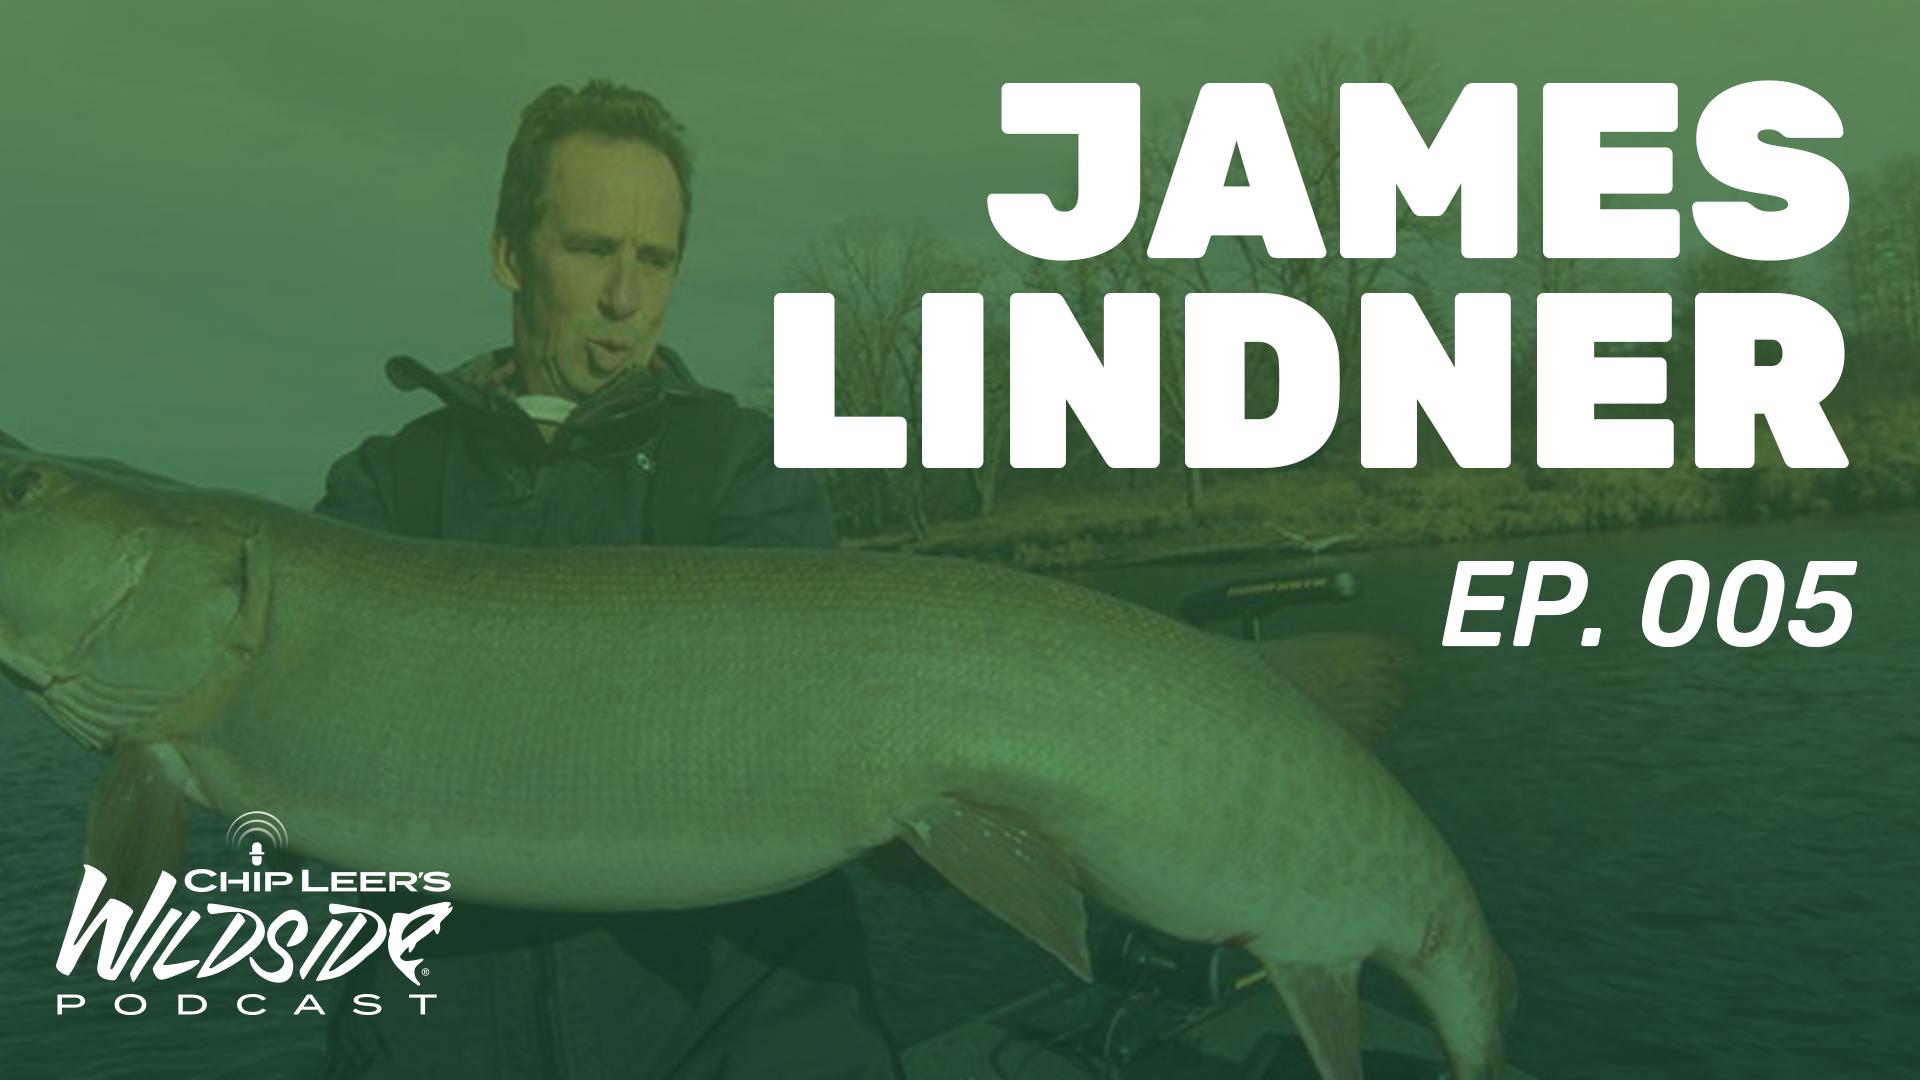 james lindner episode 5 podcast cover